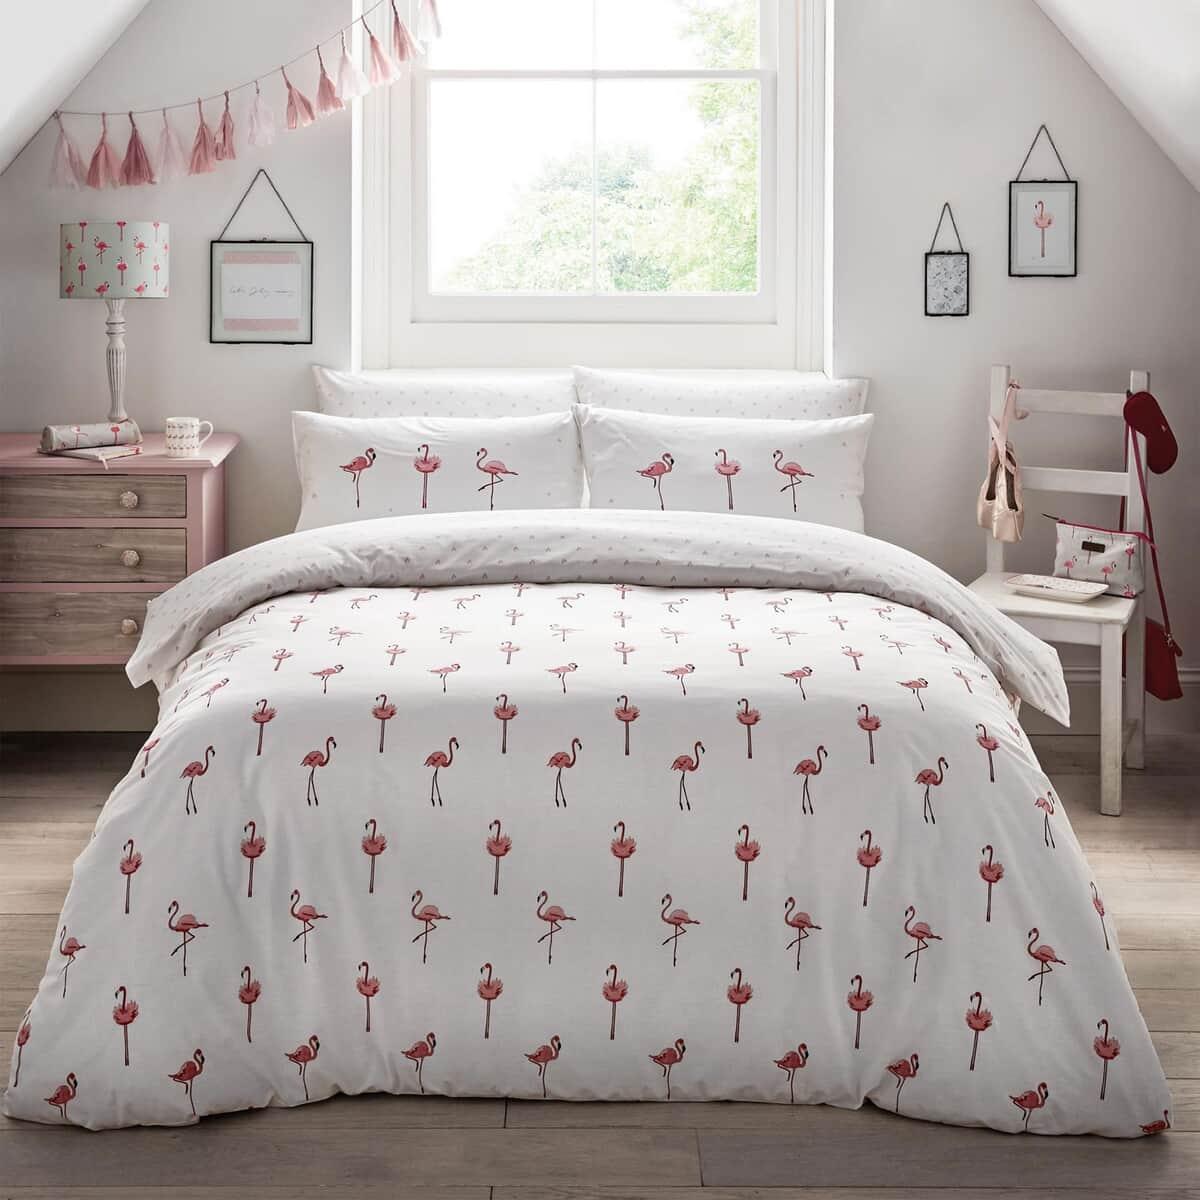 Sophie Allport Flamingos large